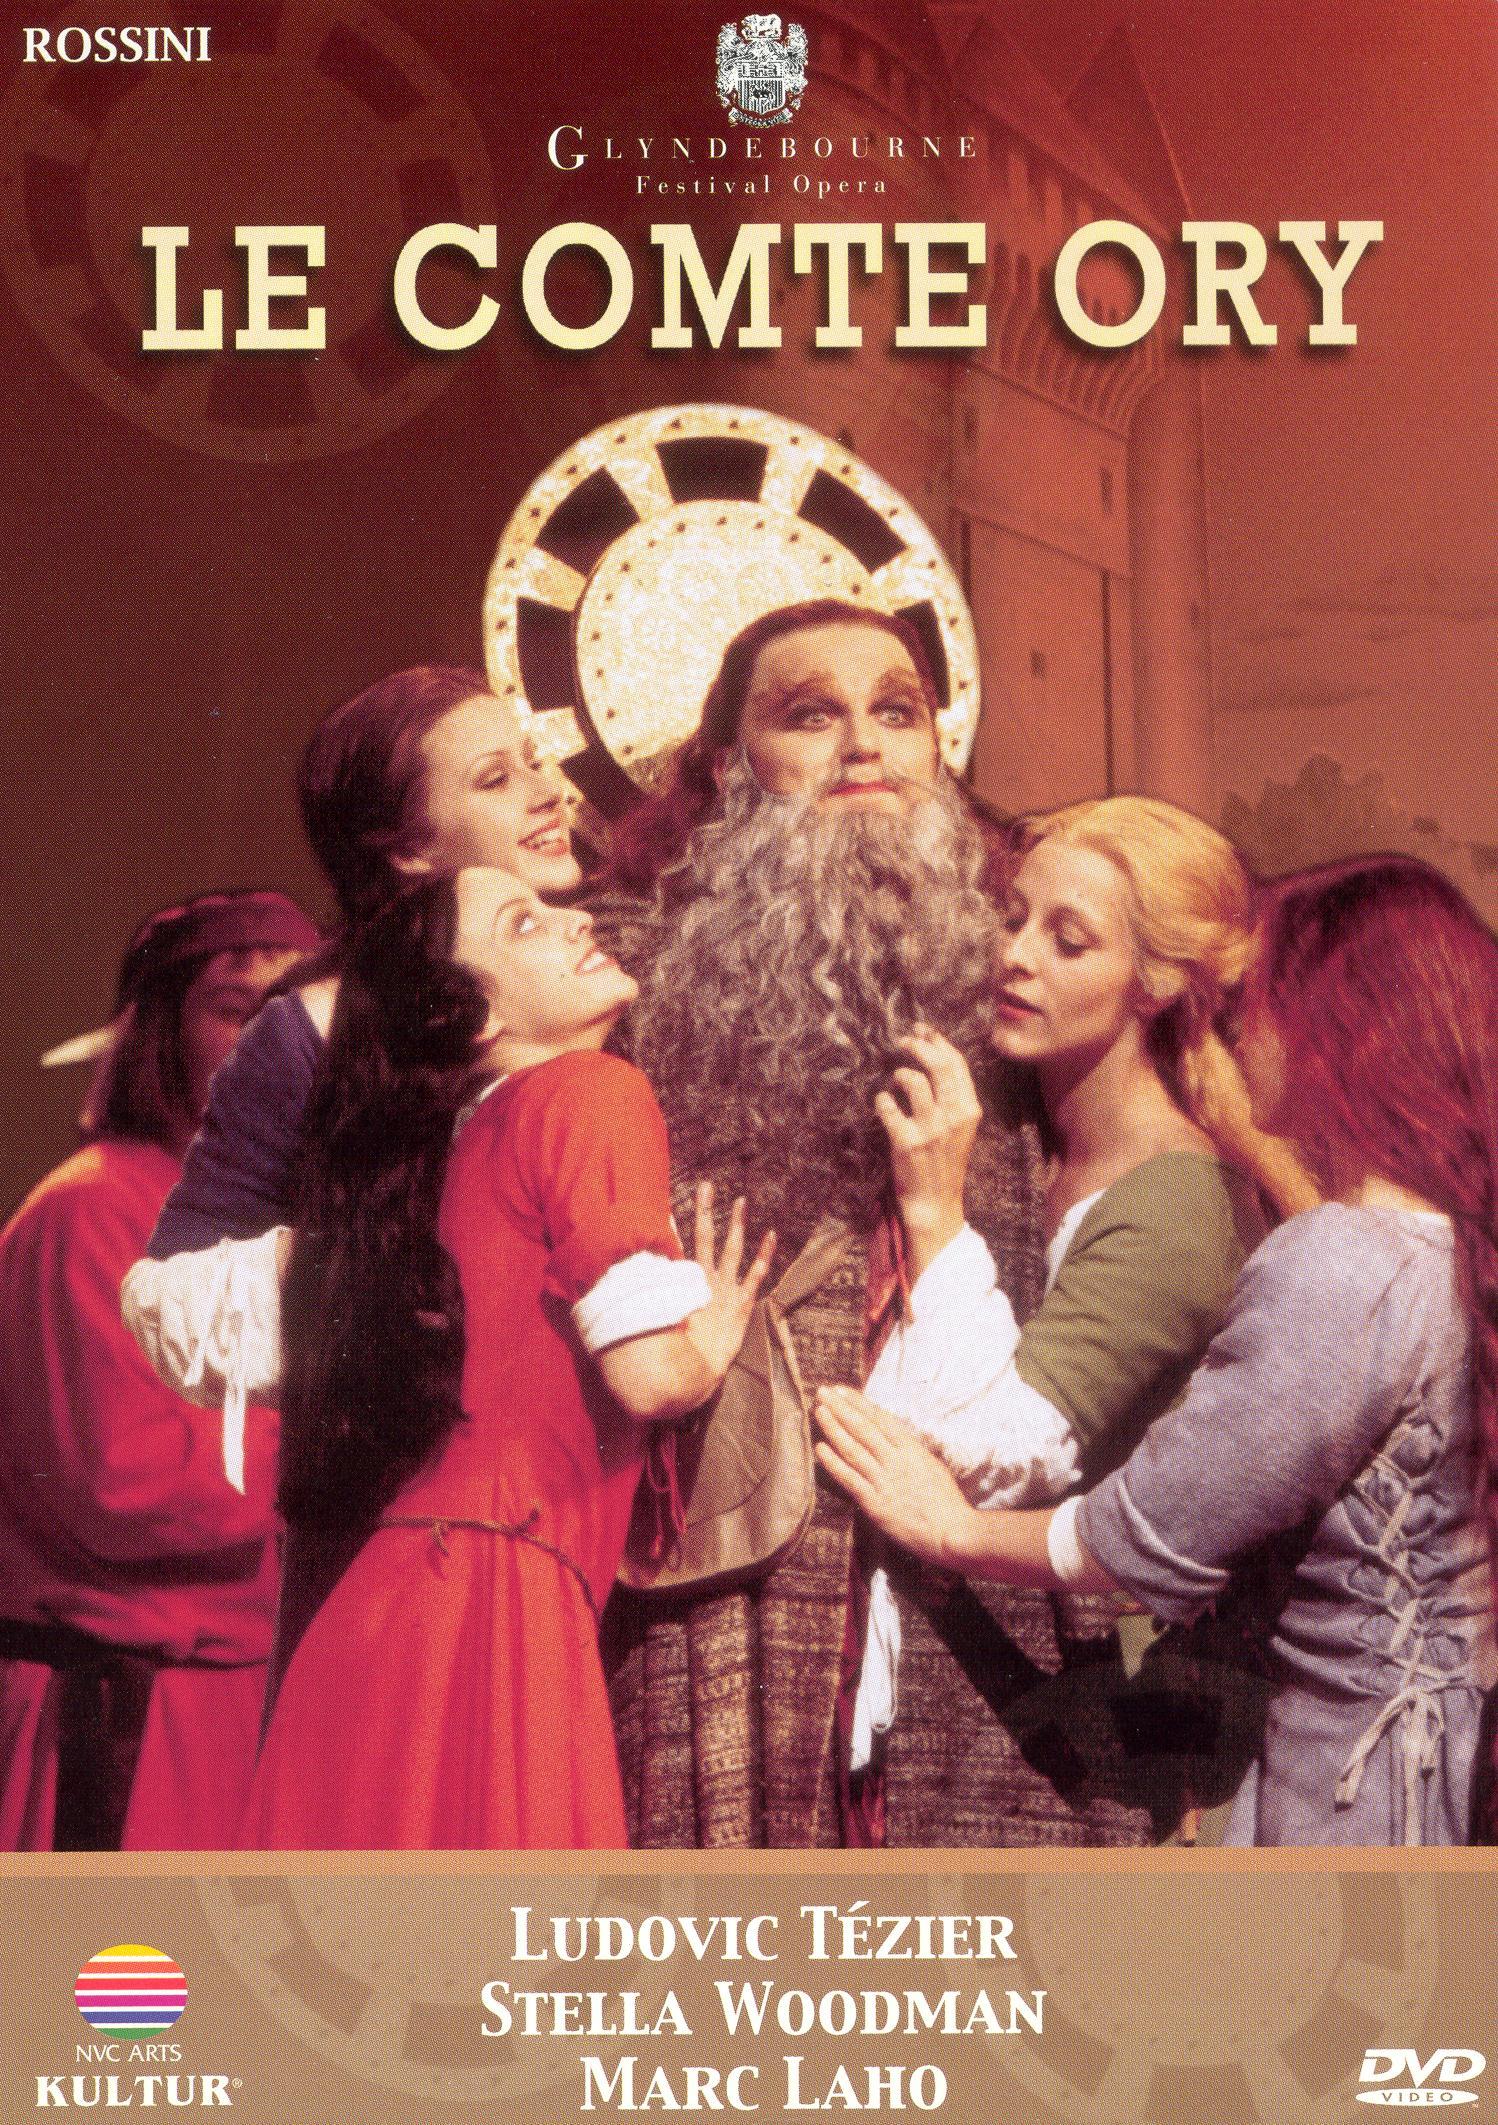 Rossini: Le Compte Ory